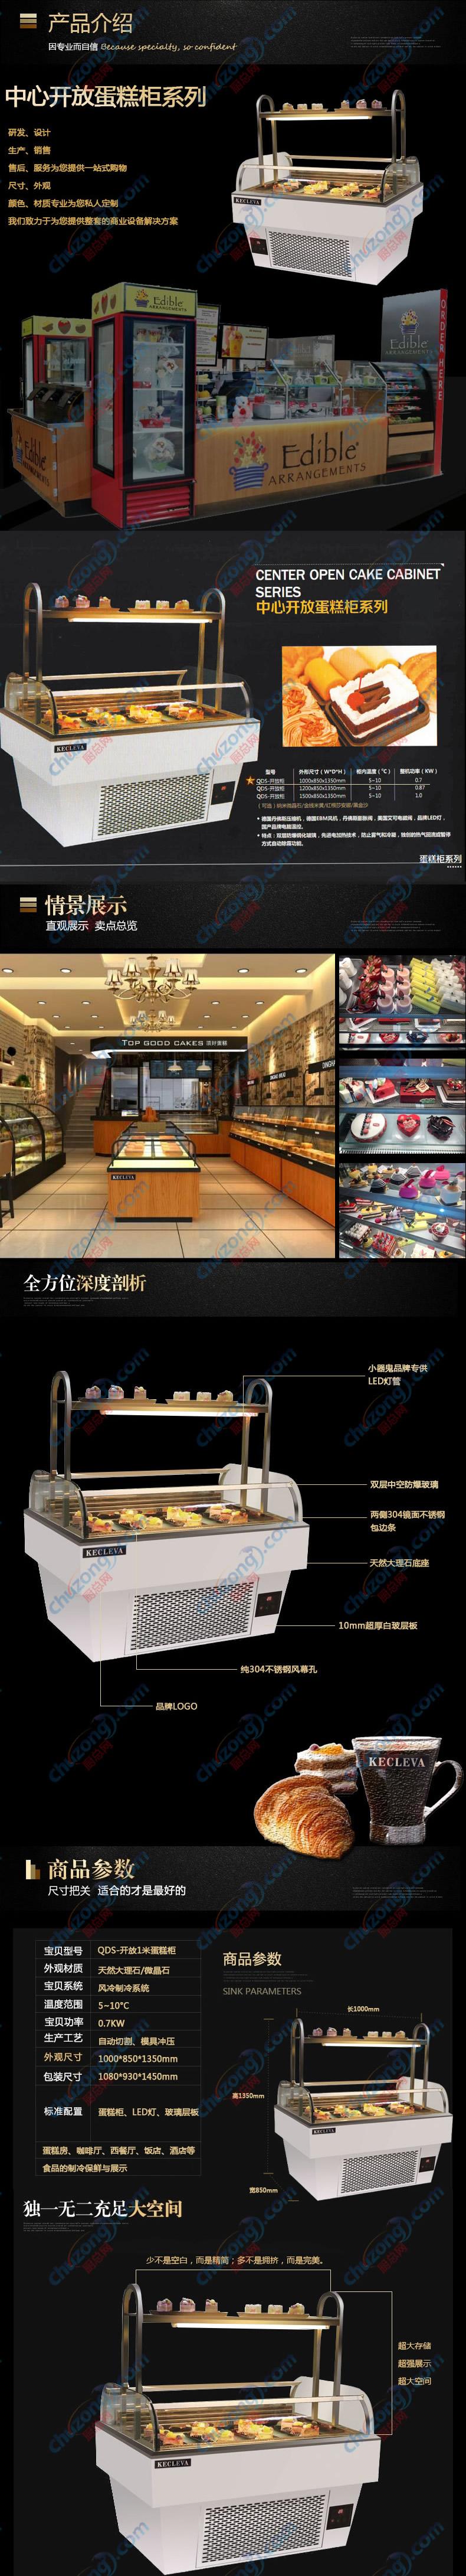 凱力威蛋糕柜,中心開放式蛋糕柜,風冷蛋糕展示柜 -1000